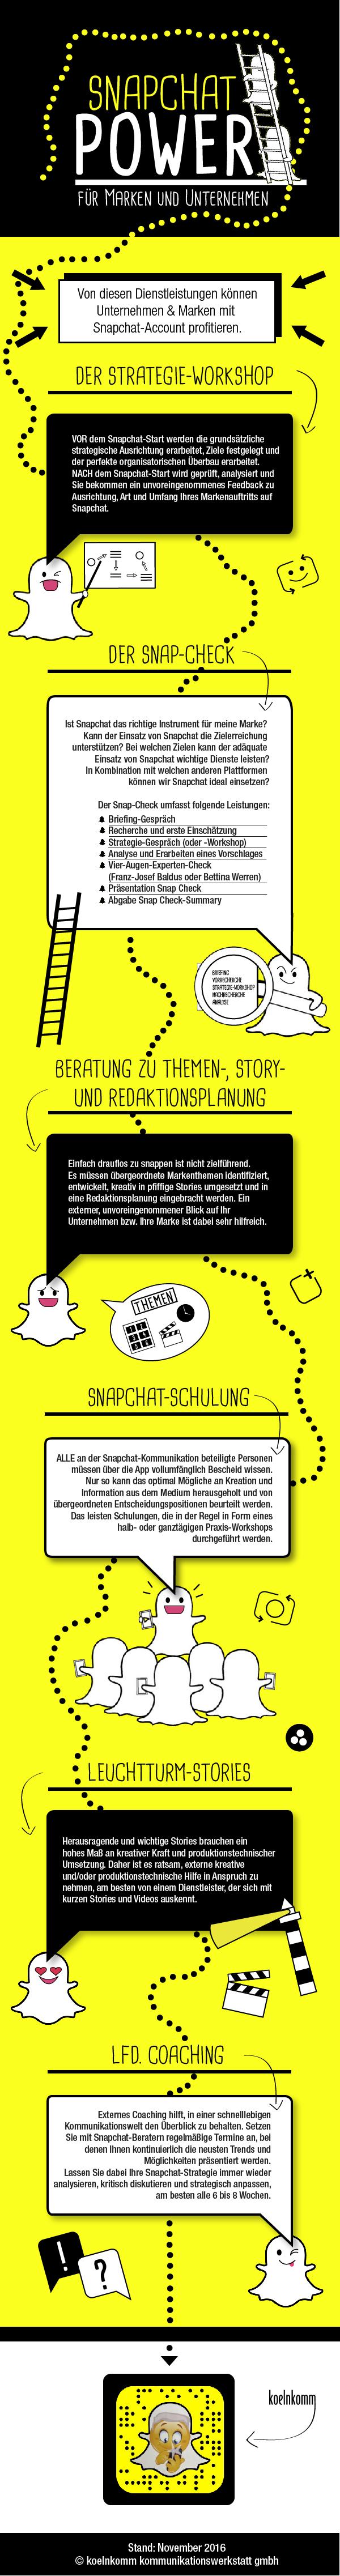 Snapchat Power für Marken und Unternehmen in Deutschland - eine Infografik von Franz-Josef Baldus (koelnkomm)